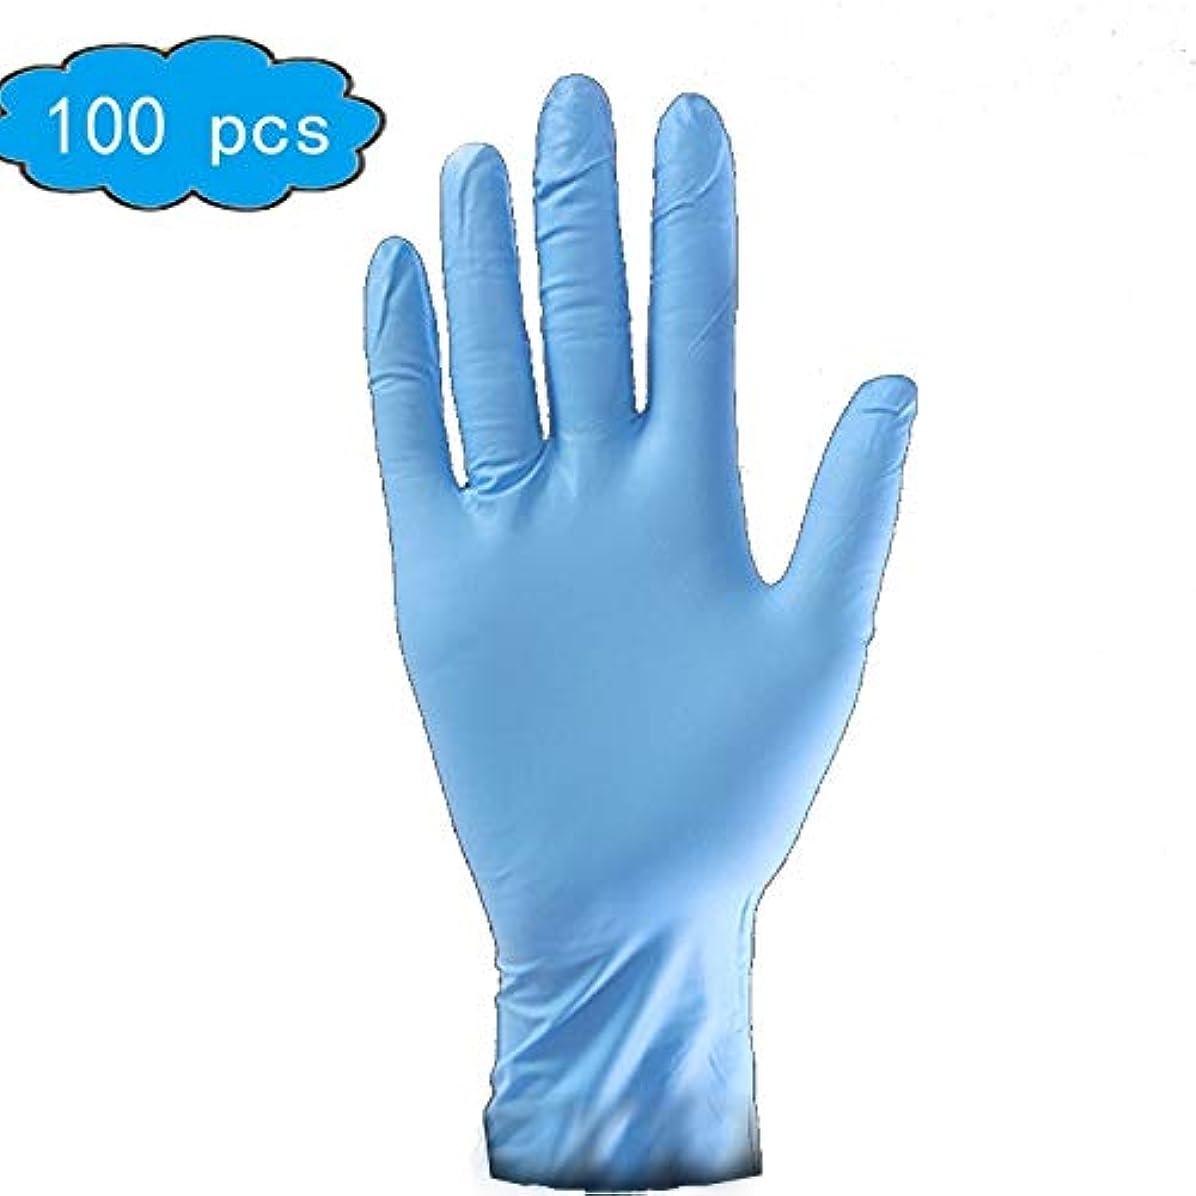 マントル経由で貯水池ニトリル試験用手袋-医療グレード、パウダーフリー、ラテックスゴムフリー、使い捨て、非滅菌、食品安全、質感、白色、5 Mil、100個入り、サイズ小、ラボ&科学製品 (Color : Blue, Size : M)